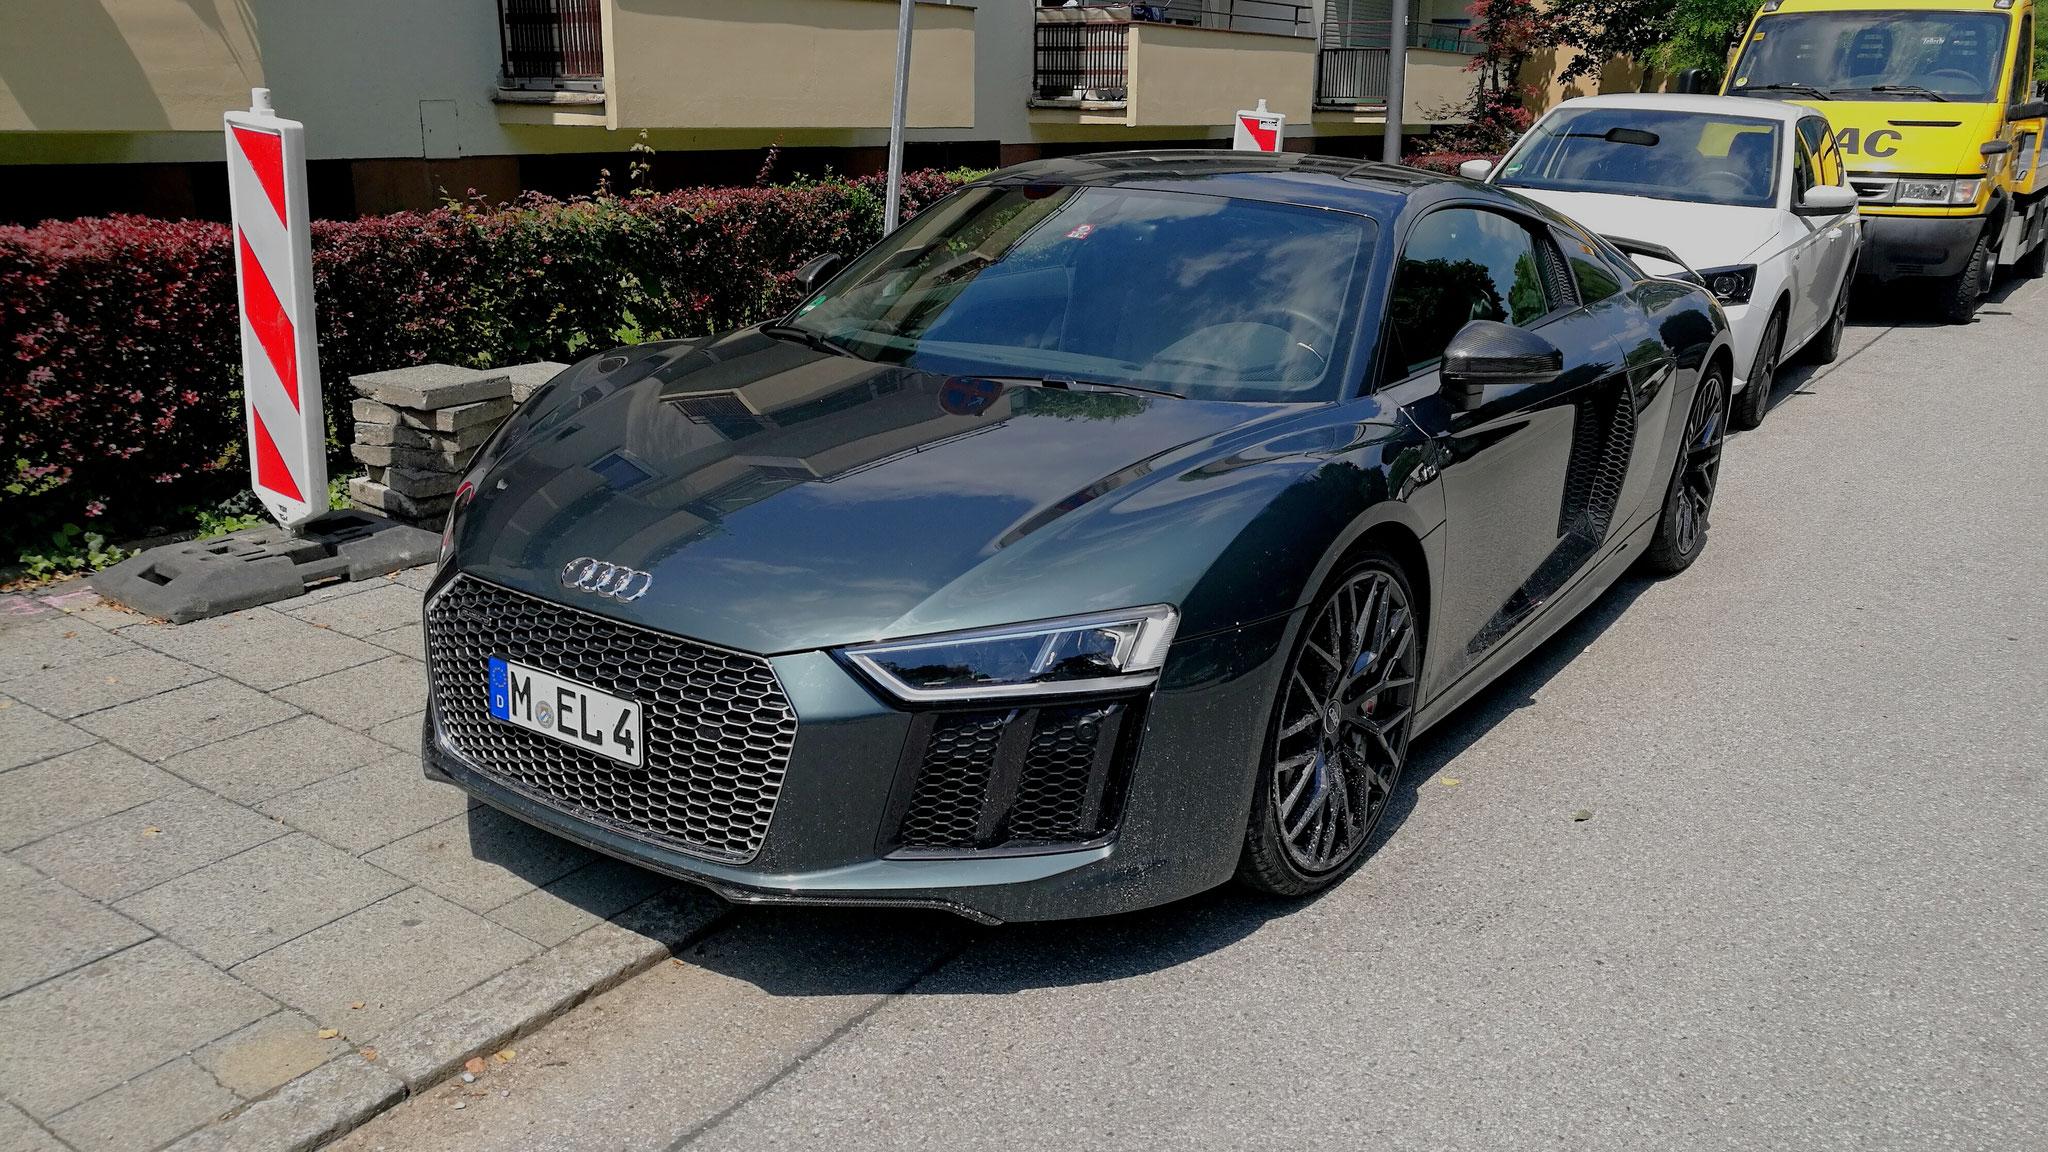 Audi R8 V10 - M-EL-4